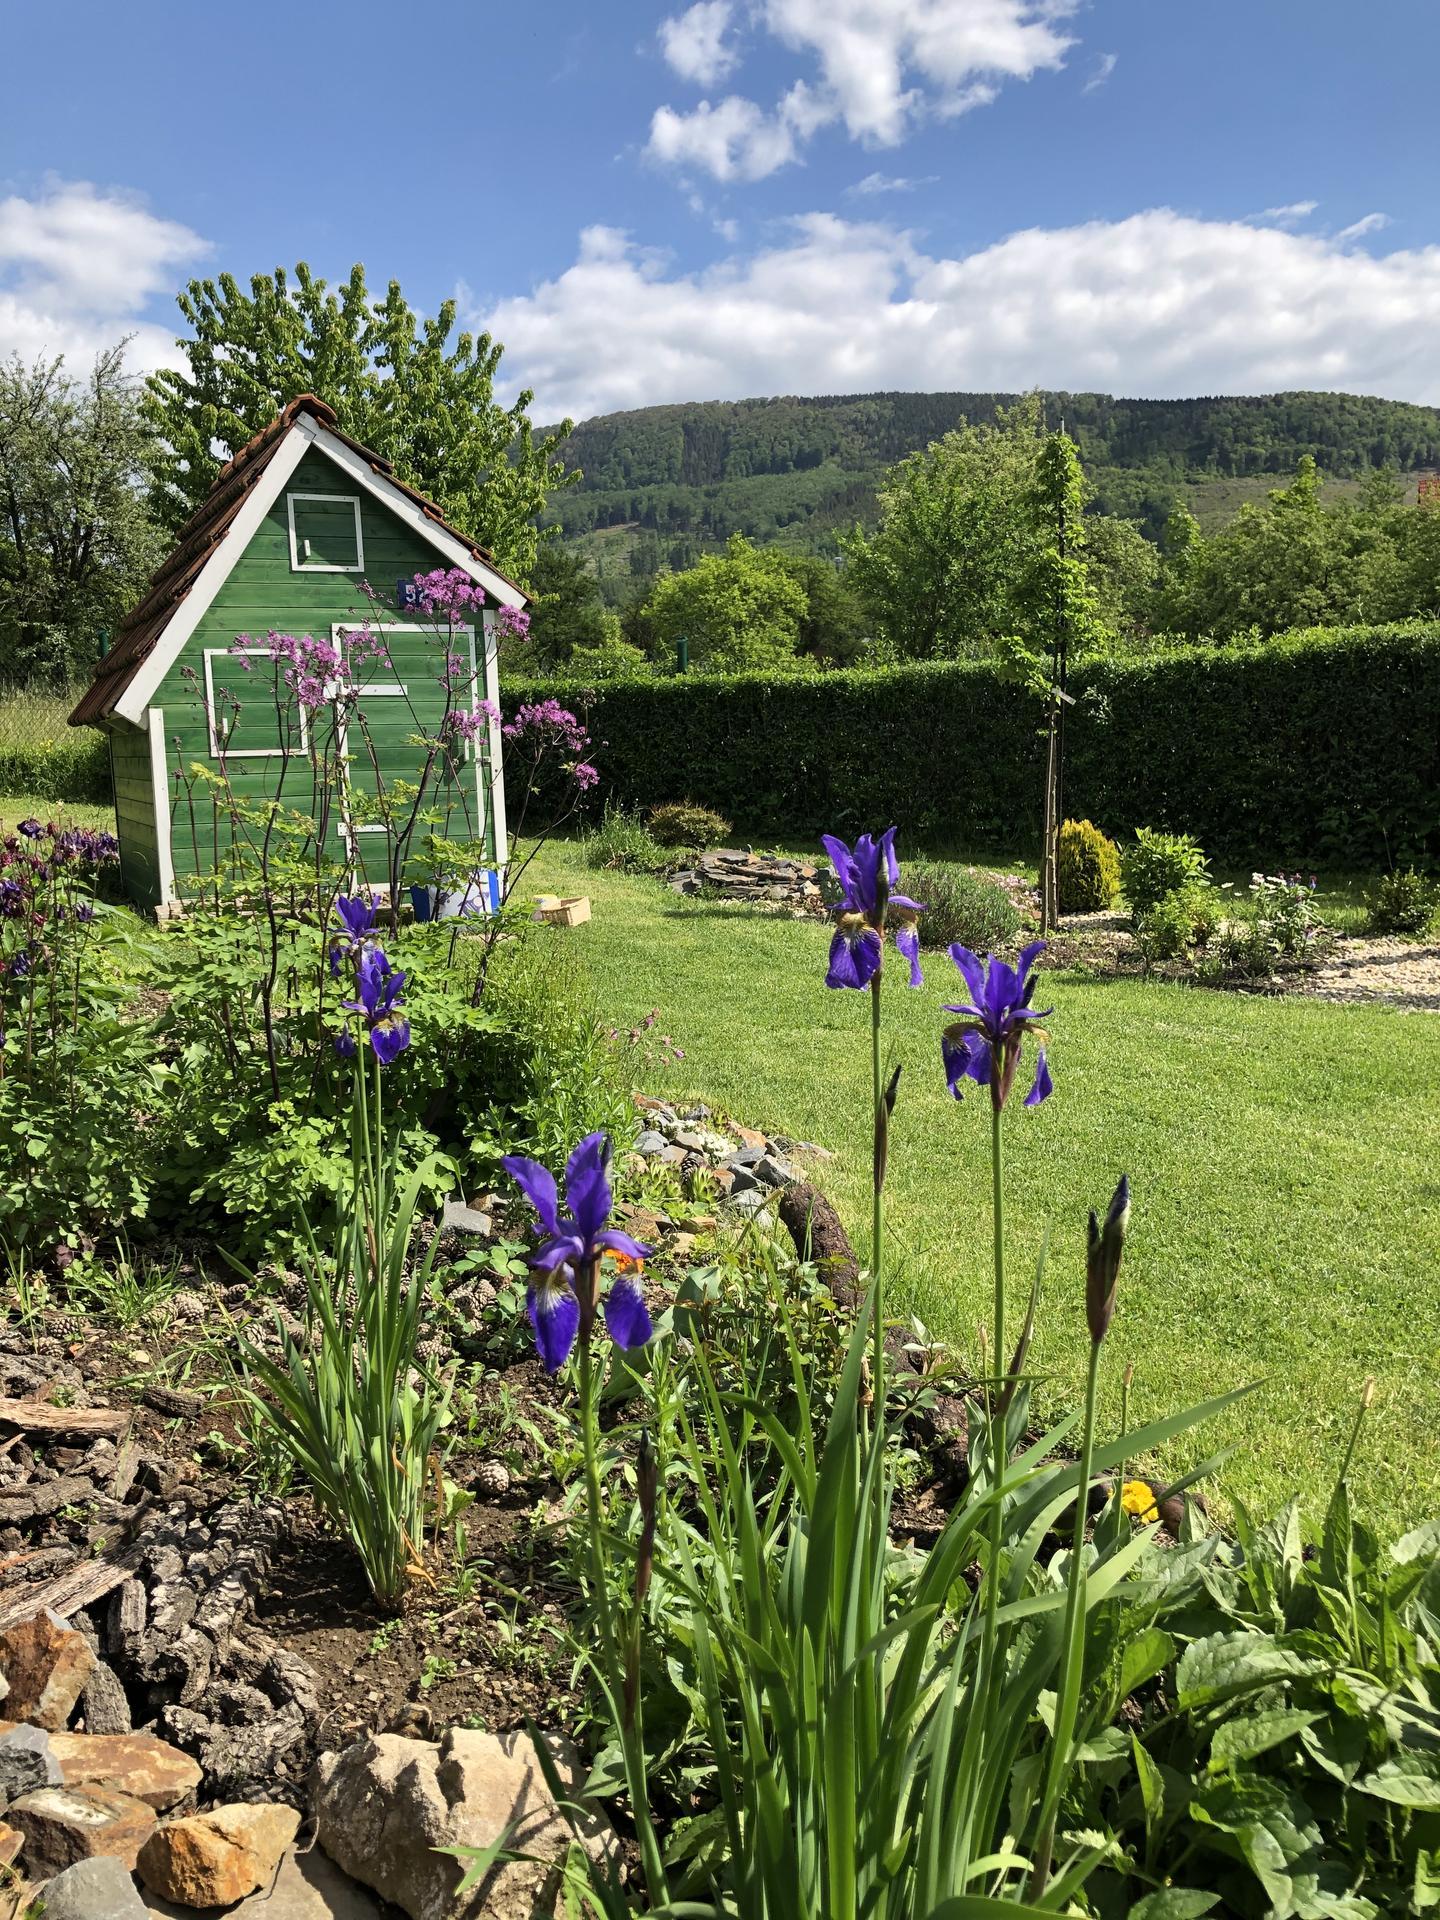 U nás doma a na zahradě 2020 - Obrázek č. 65